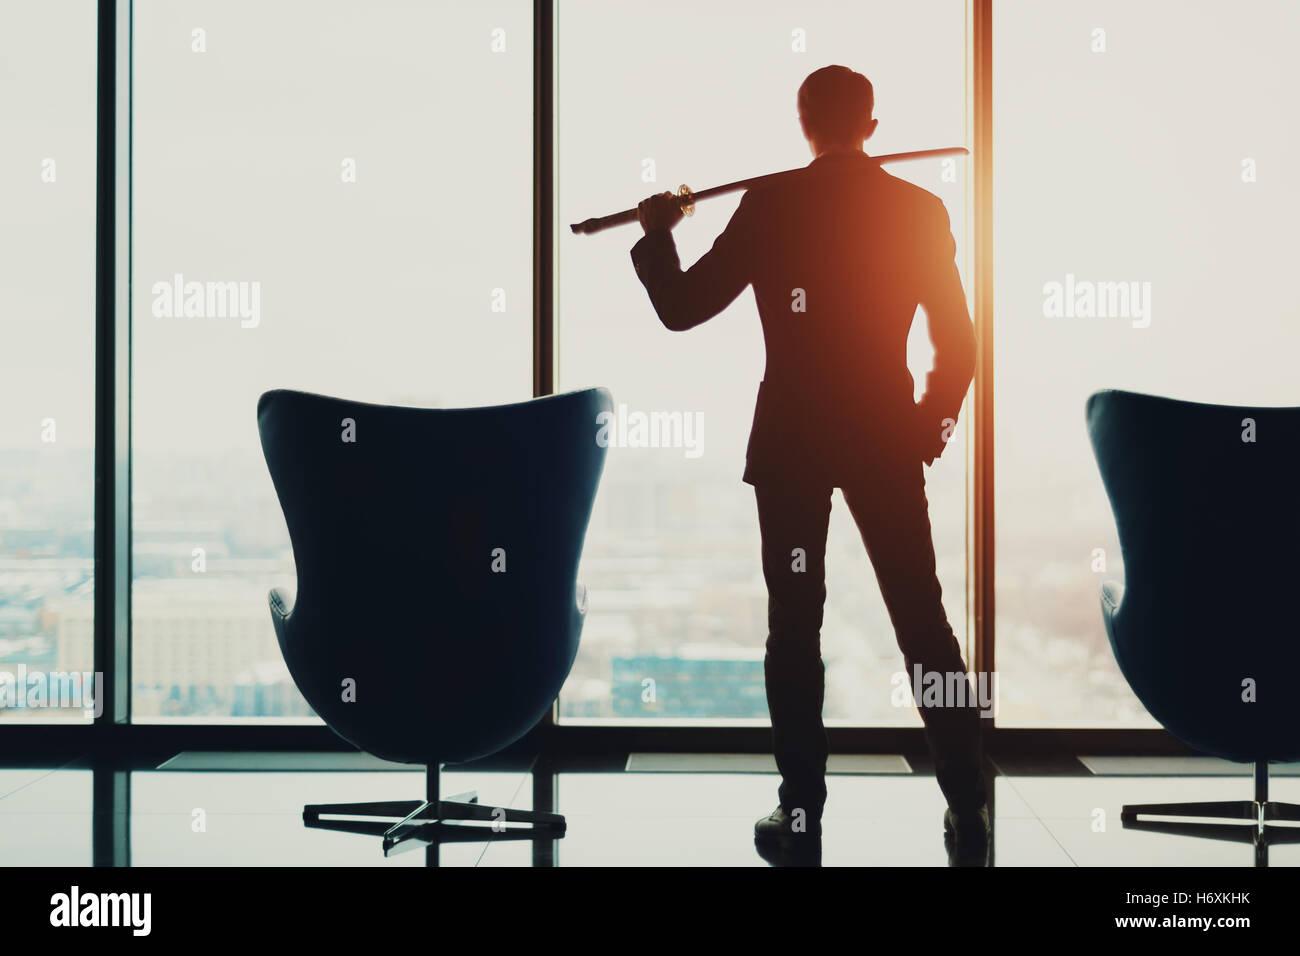 Junger Geschäftsmann im Büro in der Wirtschaft zu entsprechen, steht zwischen zwei Sesseln vor Fenster Stockbild